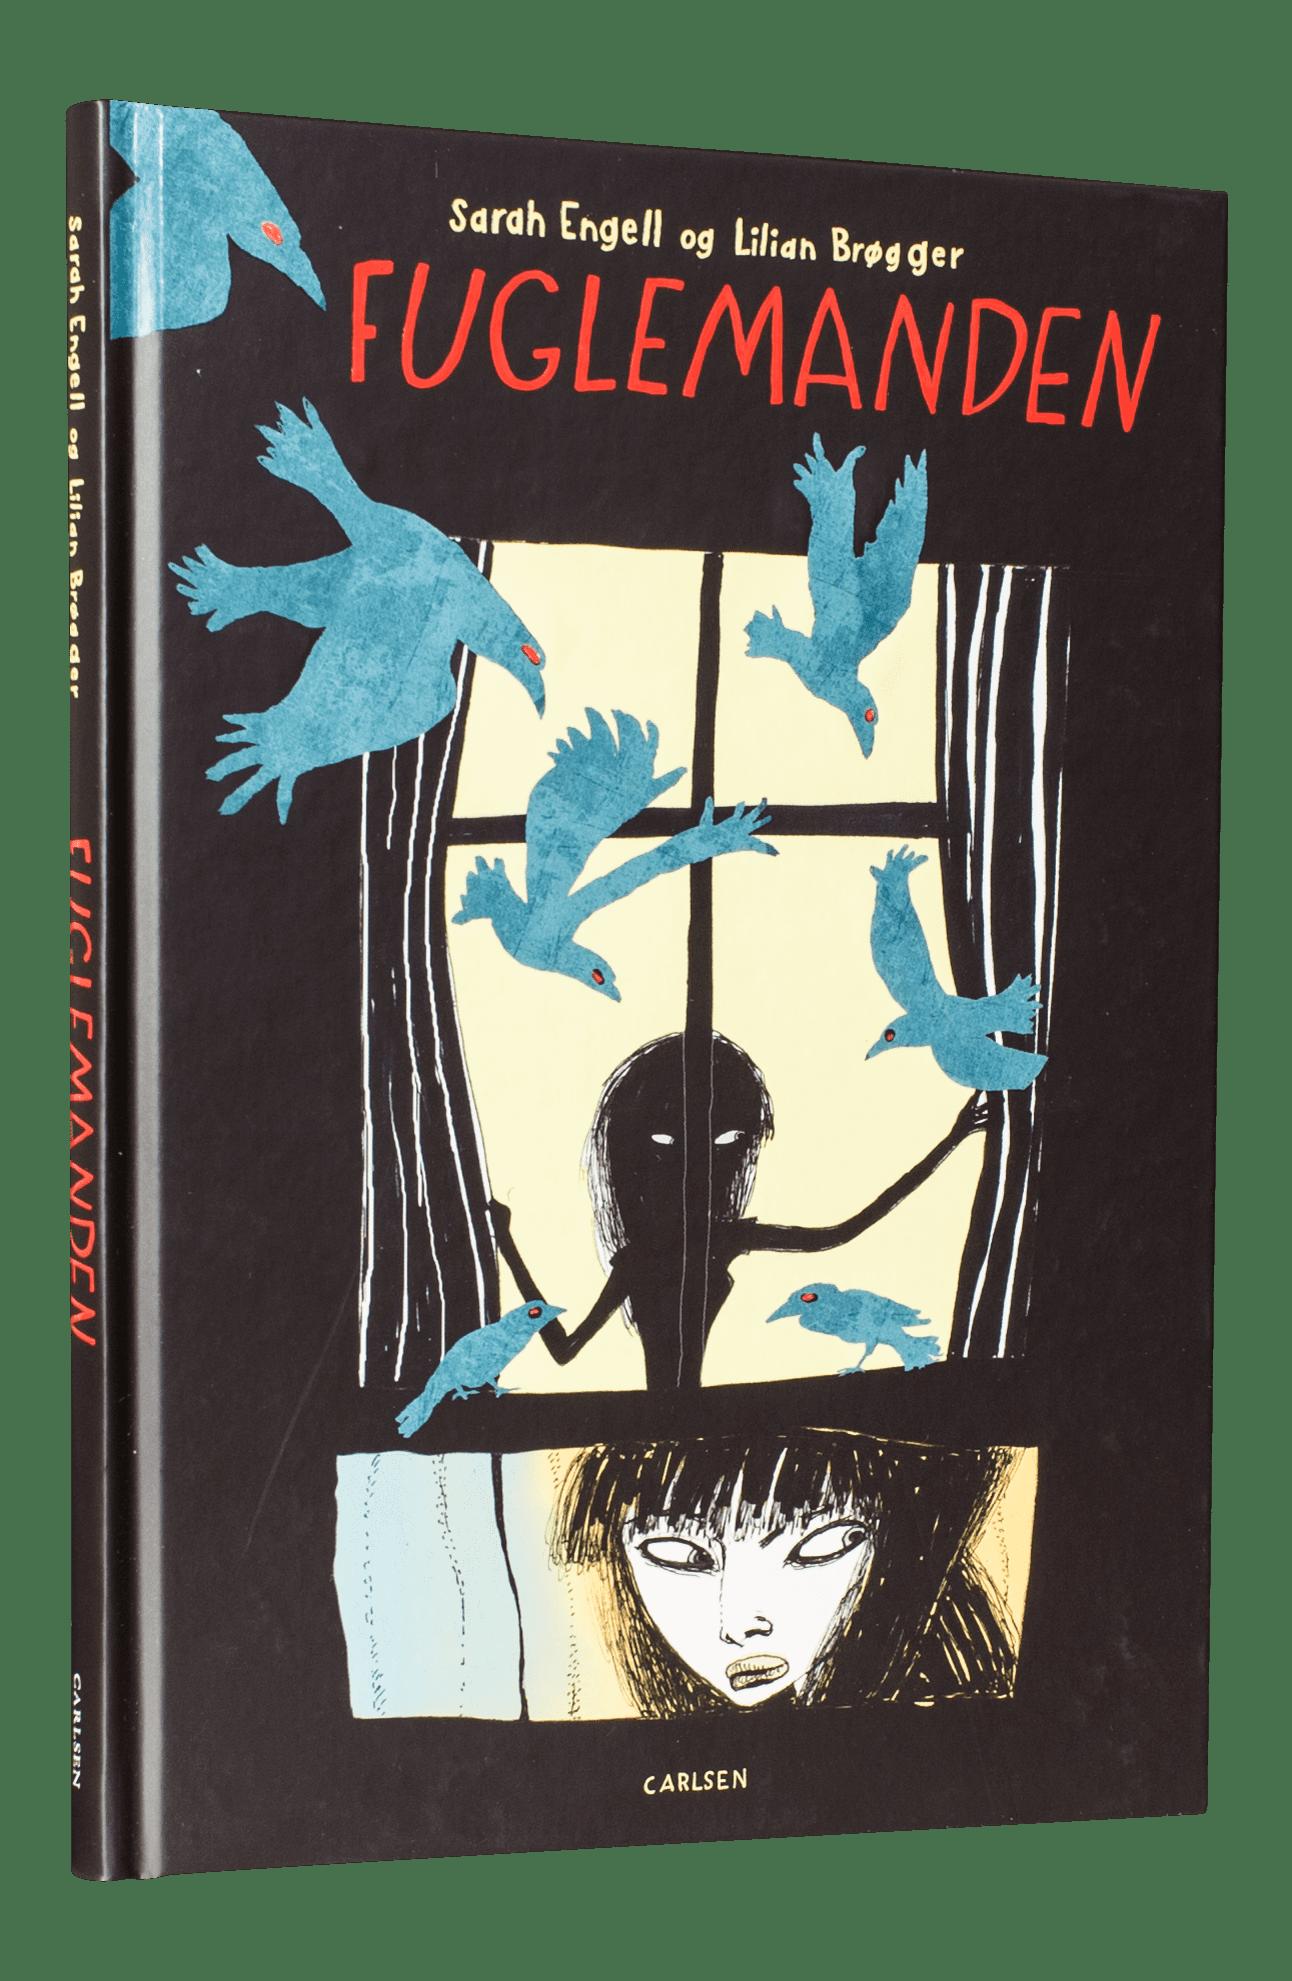 Fuglemanden, psykisk sygdom, sarah engell, lilian brøgger, grafisk roman